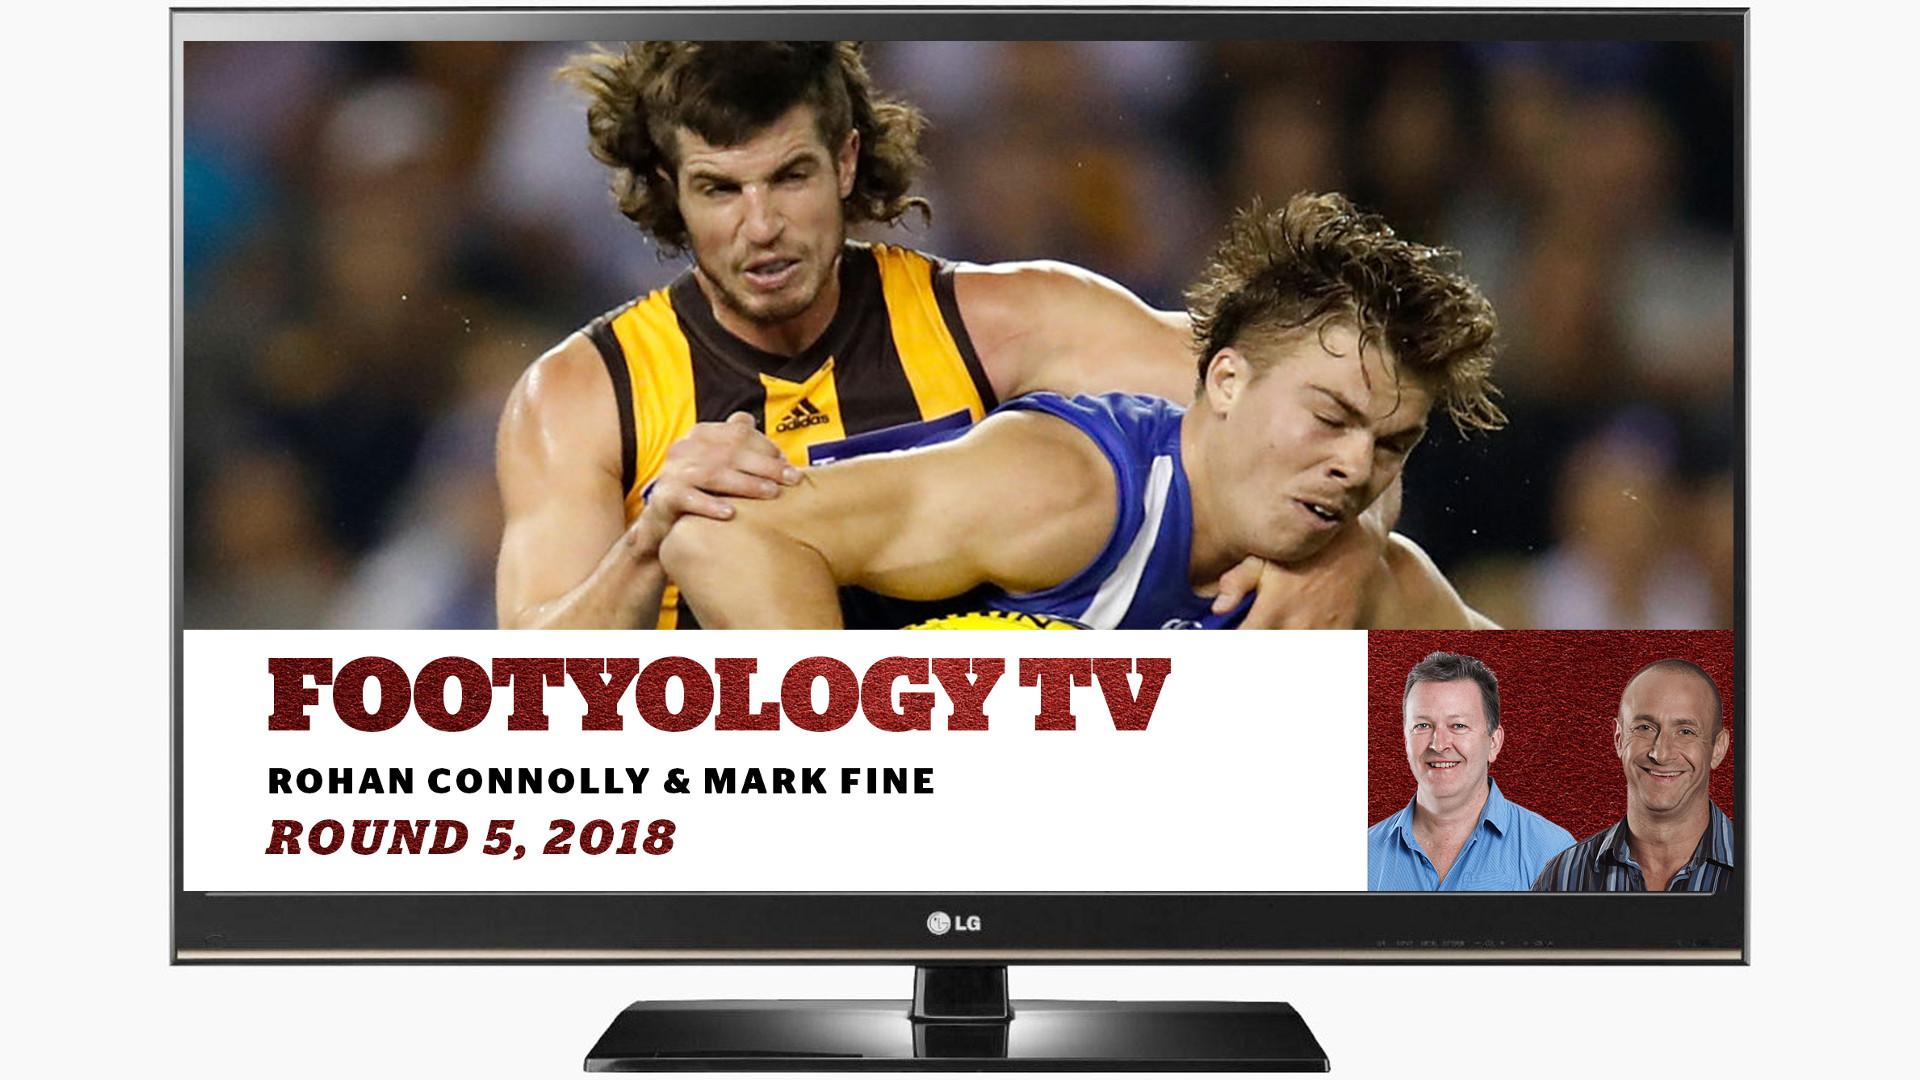 Footyology TV - Sunday 22nd April 2018